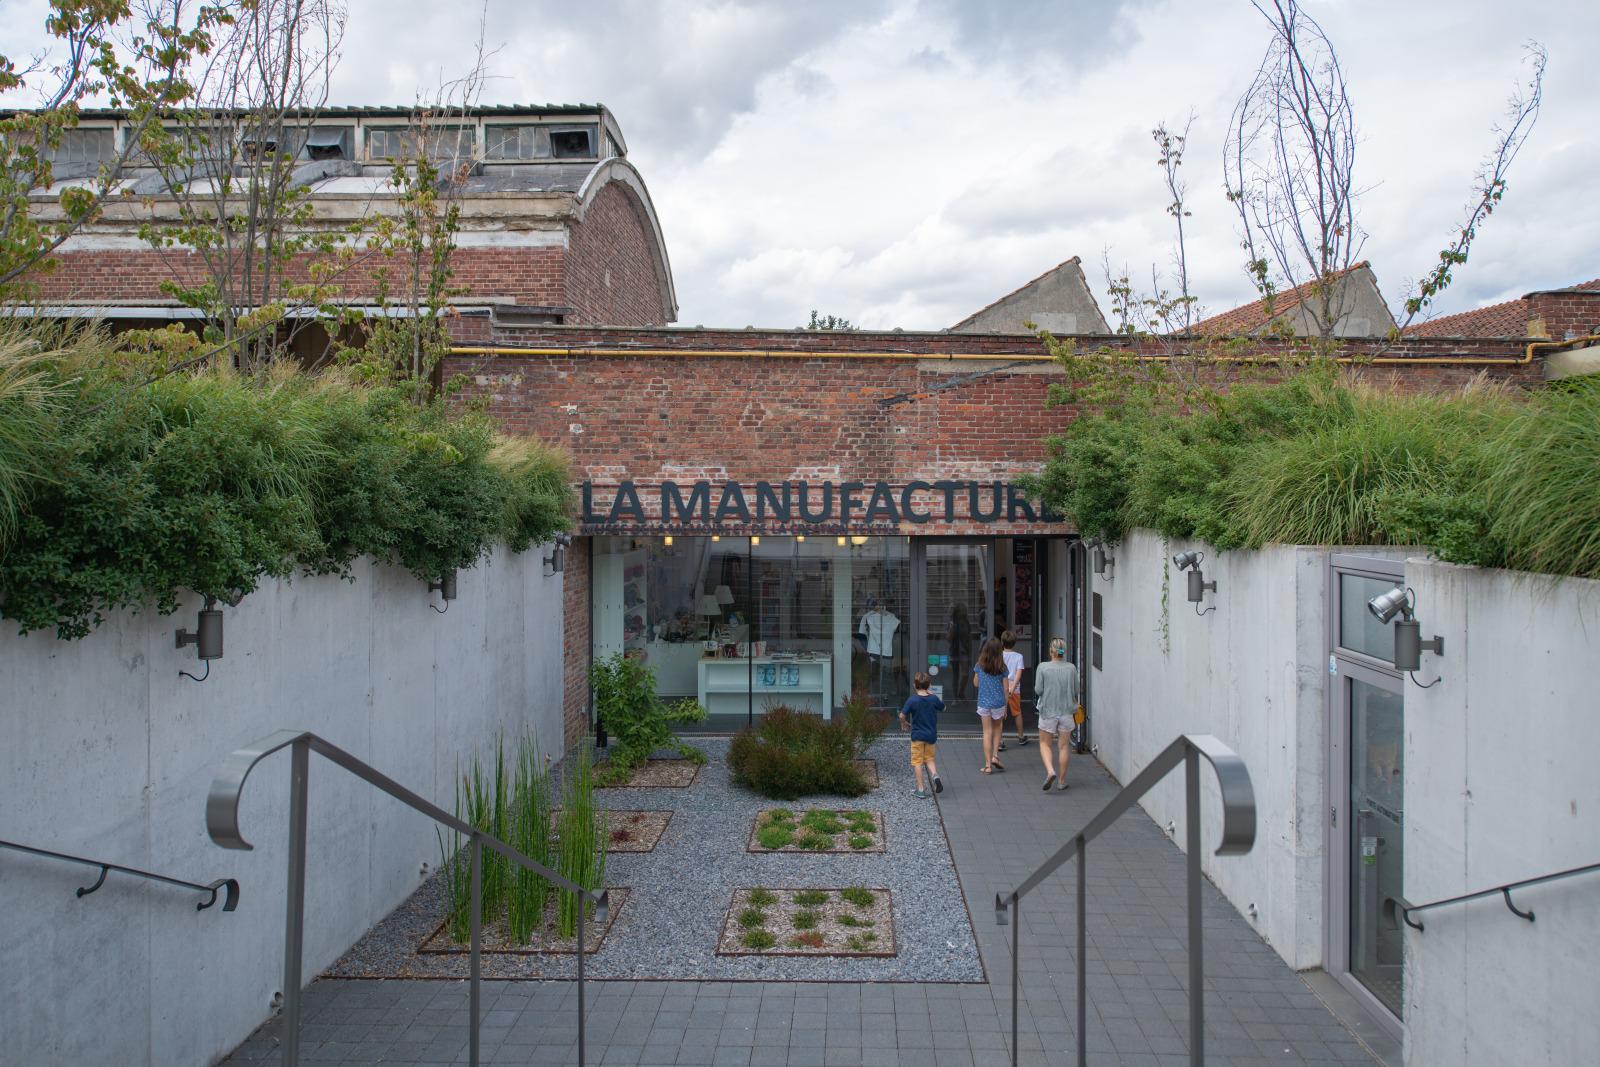 La Manufacture Musée de la mémoire et de la création textile